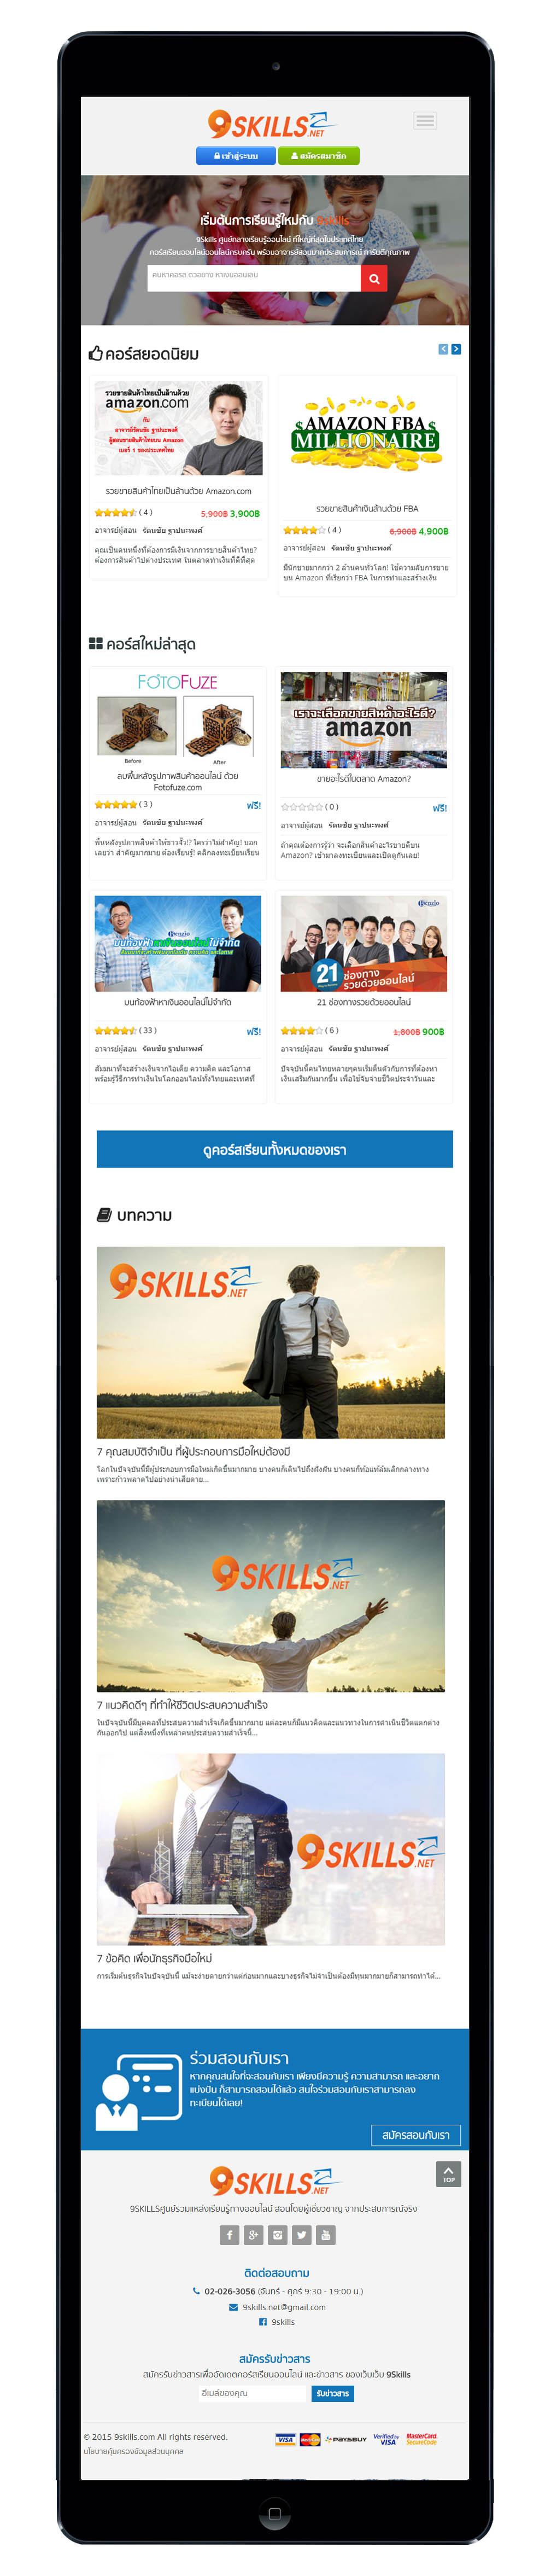 9Skills_iPad